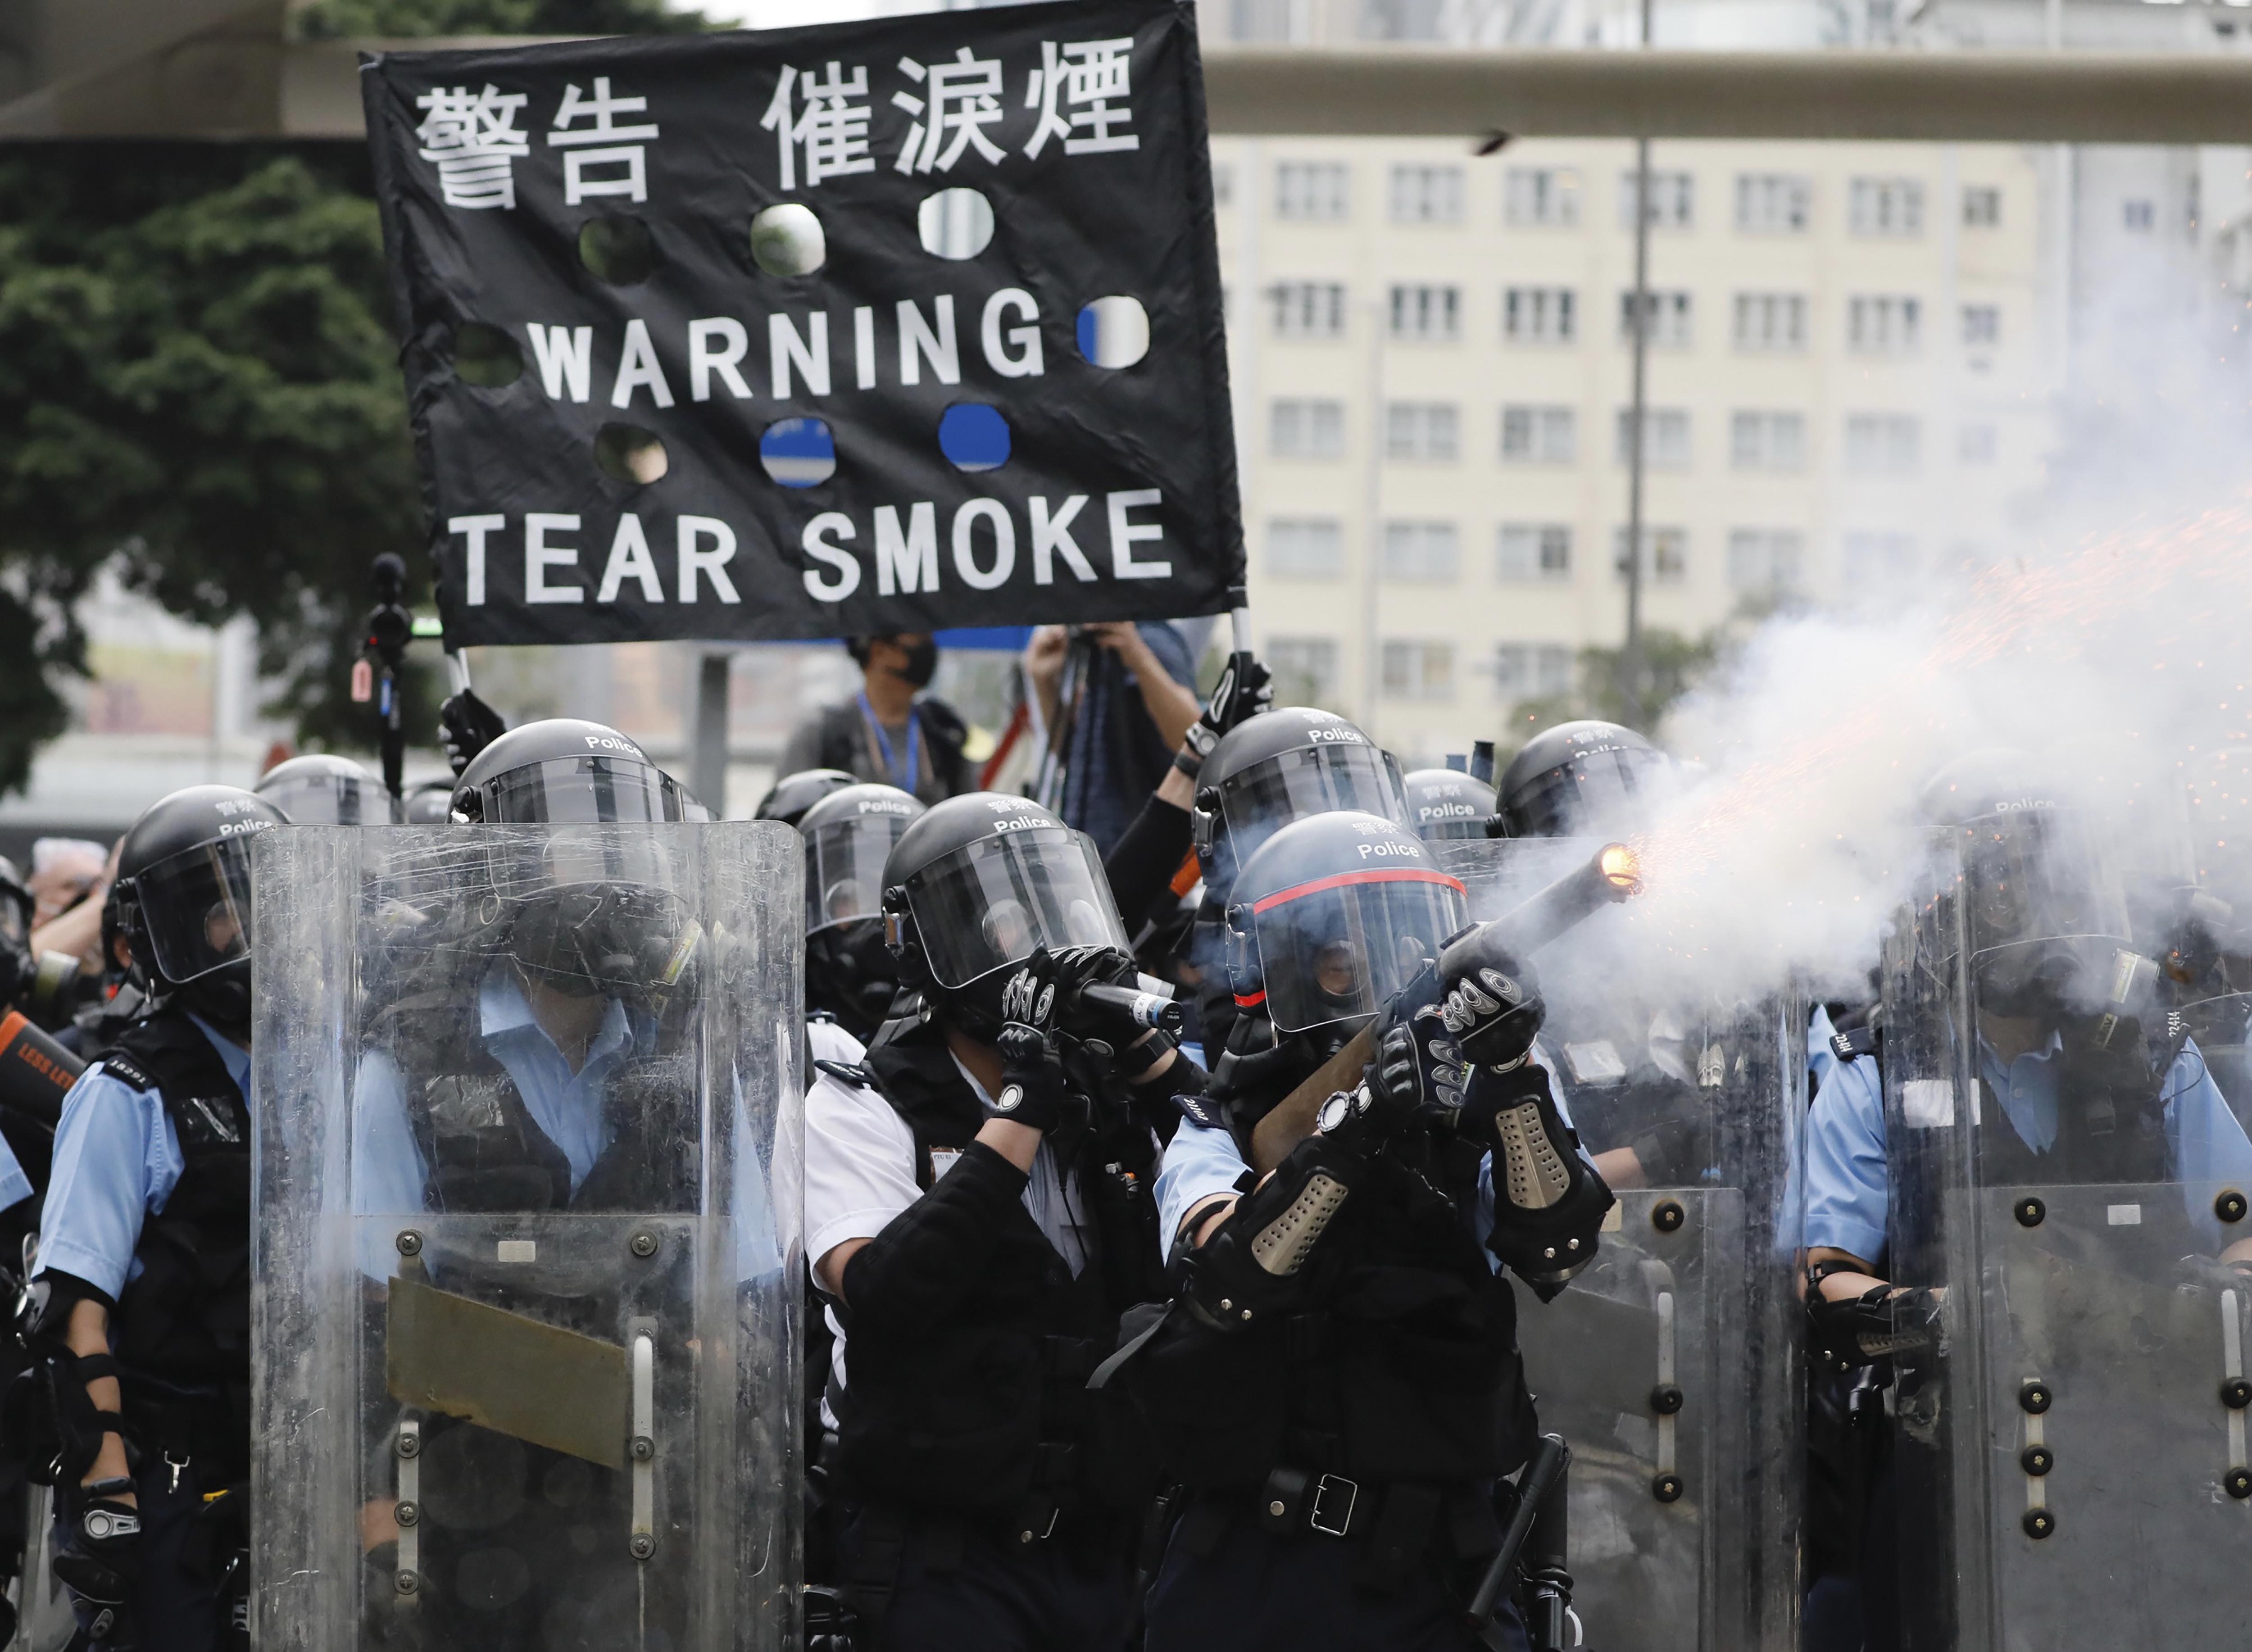 ▲▼香港反送中示威,警方已催淚瓦斯等武器驅離群眾。(圖/達志影像/美聯社)